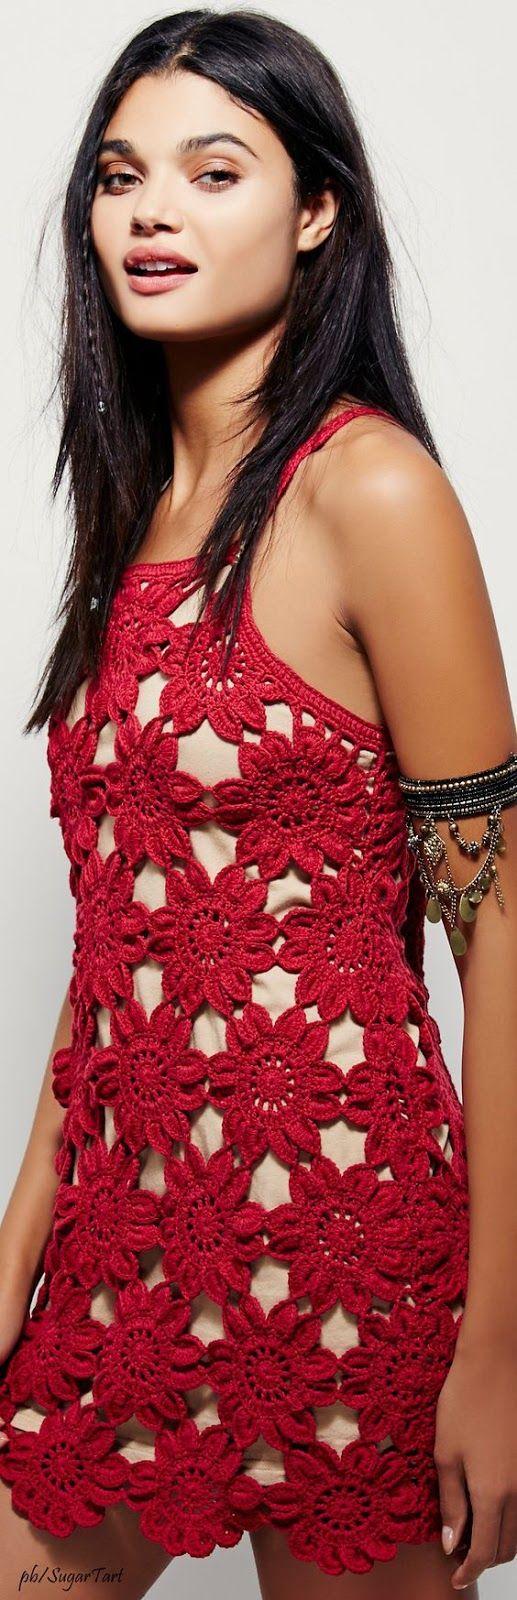 Crochetemoda: Vestido de Crochet                                                                                                                                                                                 Mais